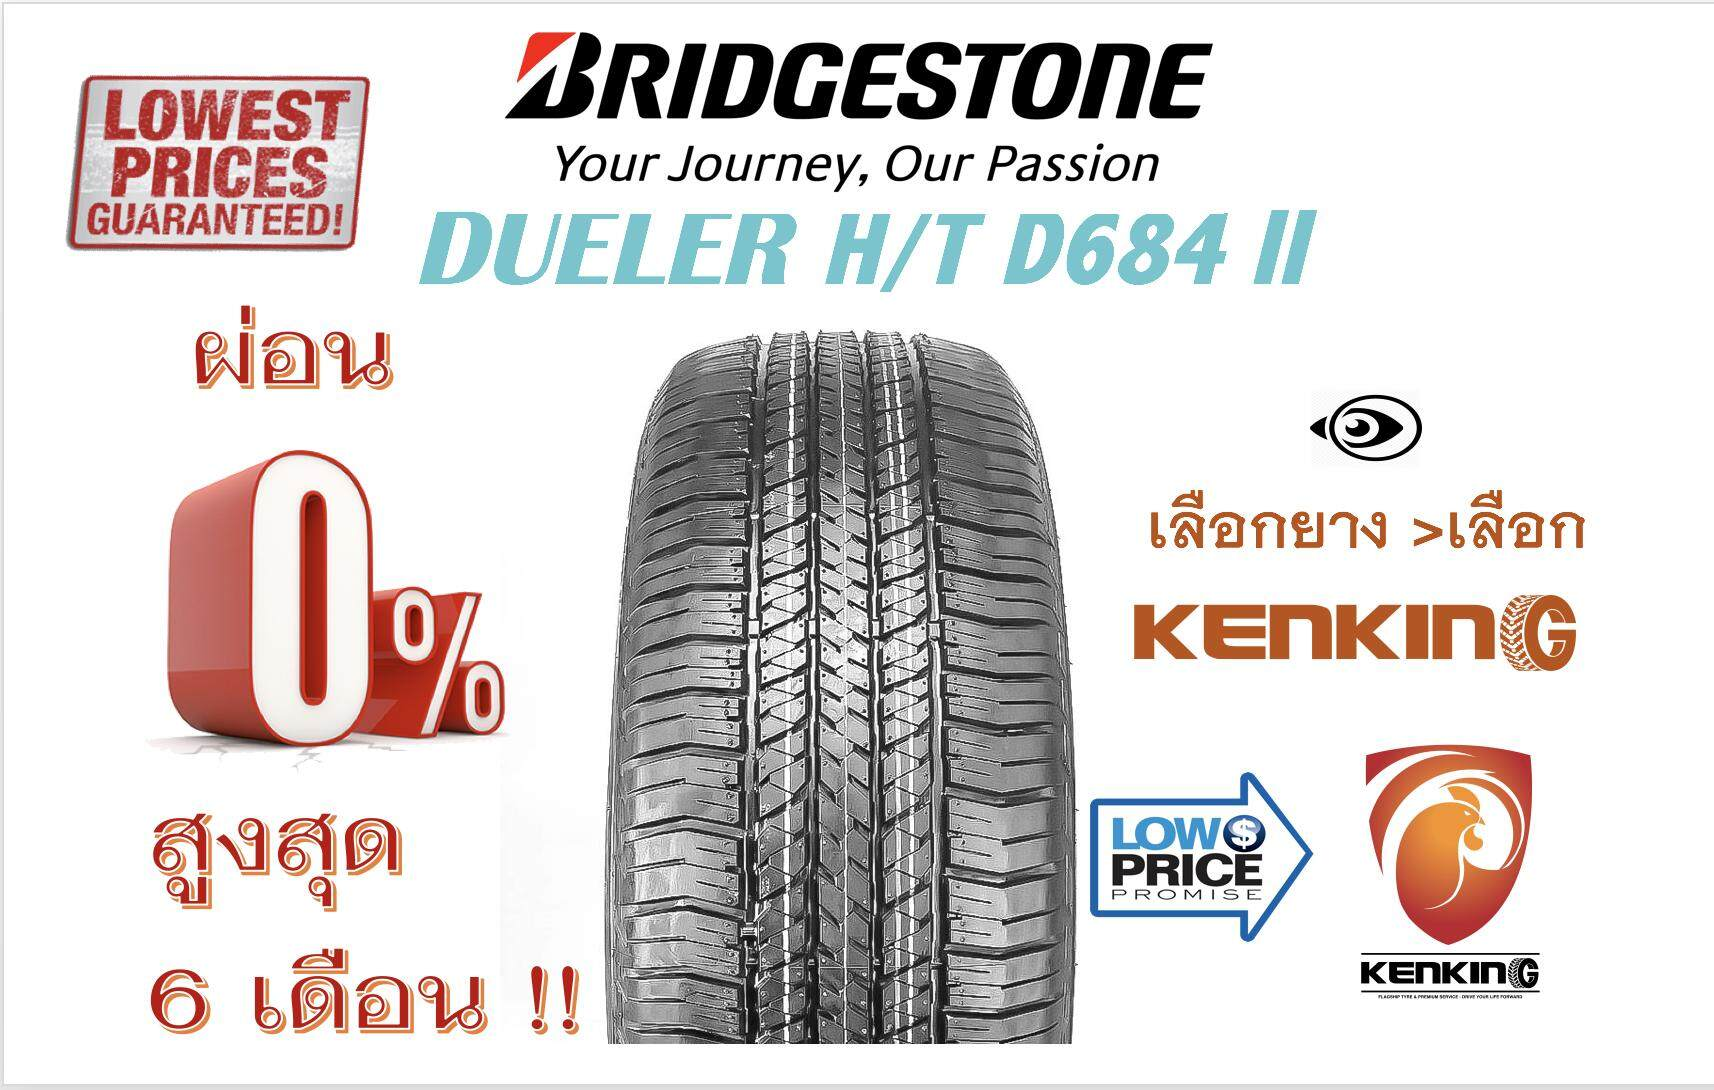 ประกันภัย รถยนต์ แบบ ผ่อน ได้ ลพบุรี ยางรถยนต์ขอบ 17 Bridgestone ปี 2019 NEW!! 265/65 R17 DUELER H/T 684 (Made in Thailand) แบบผ่อนชำระได้ (จำนวน 4 เส้น)